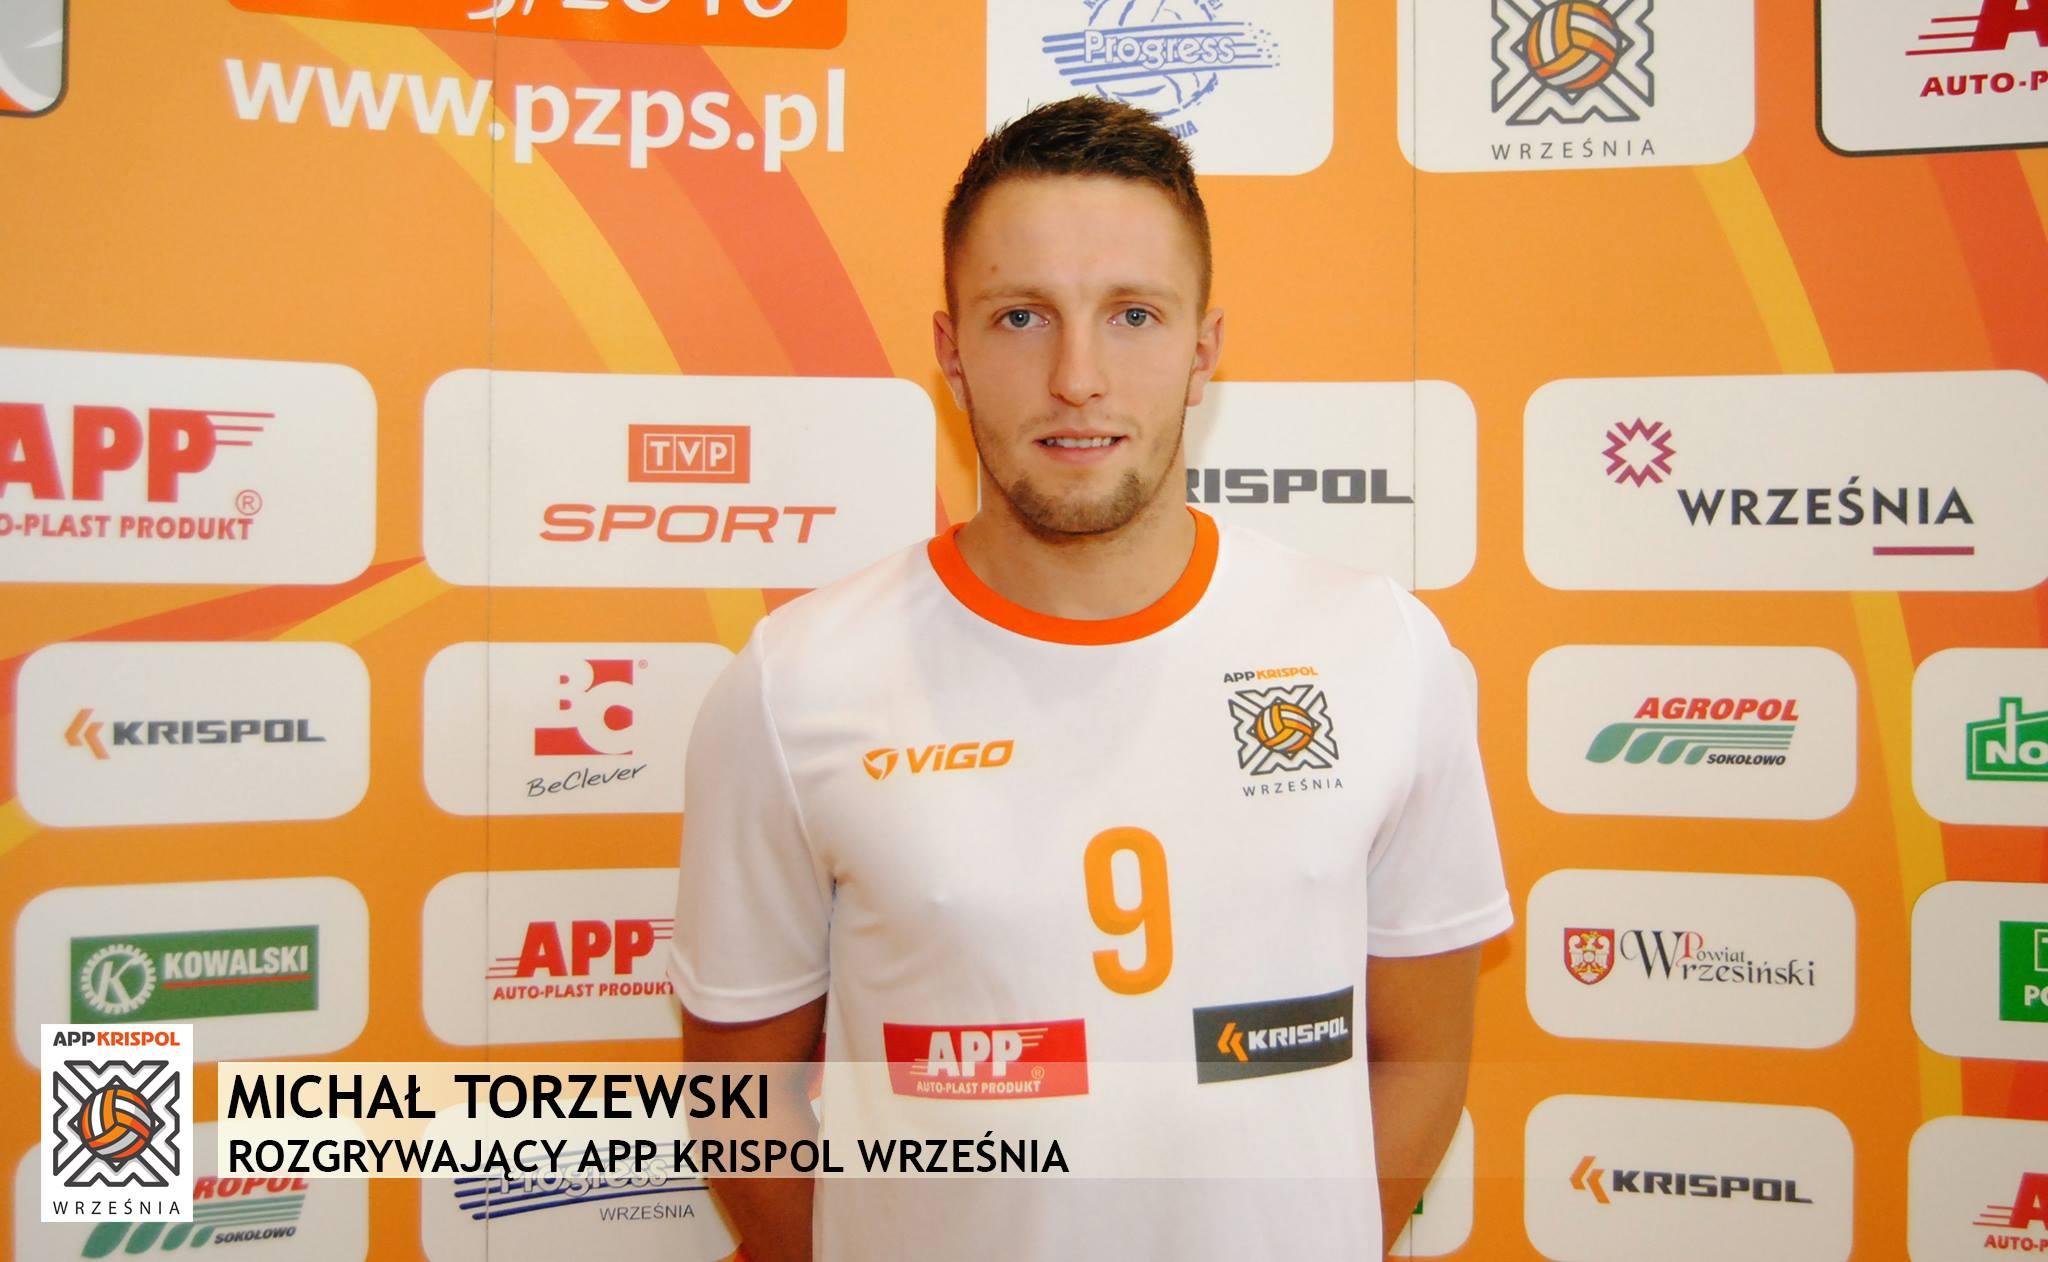 Michał Torzewski